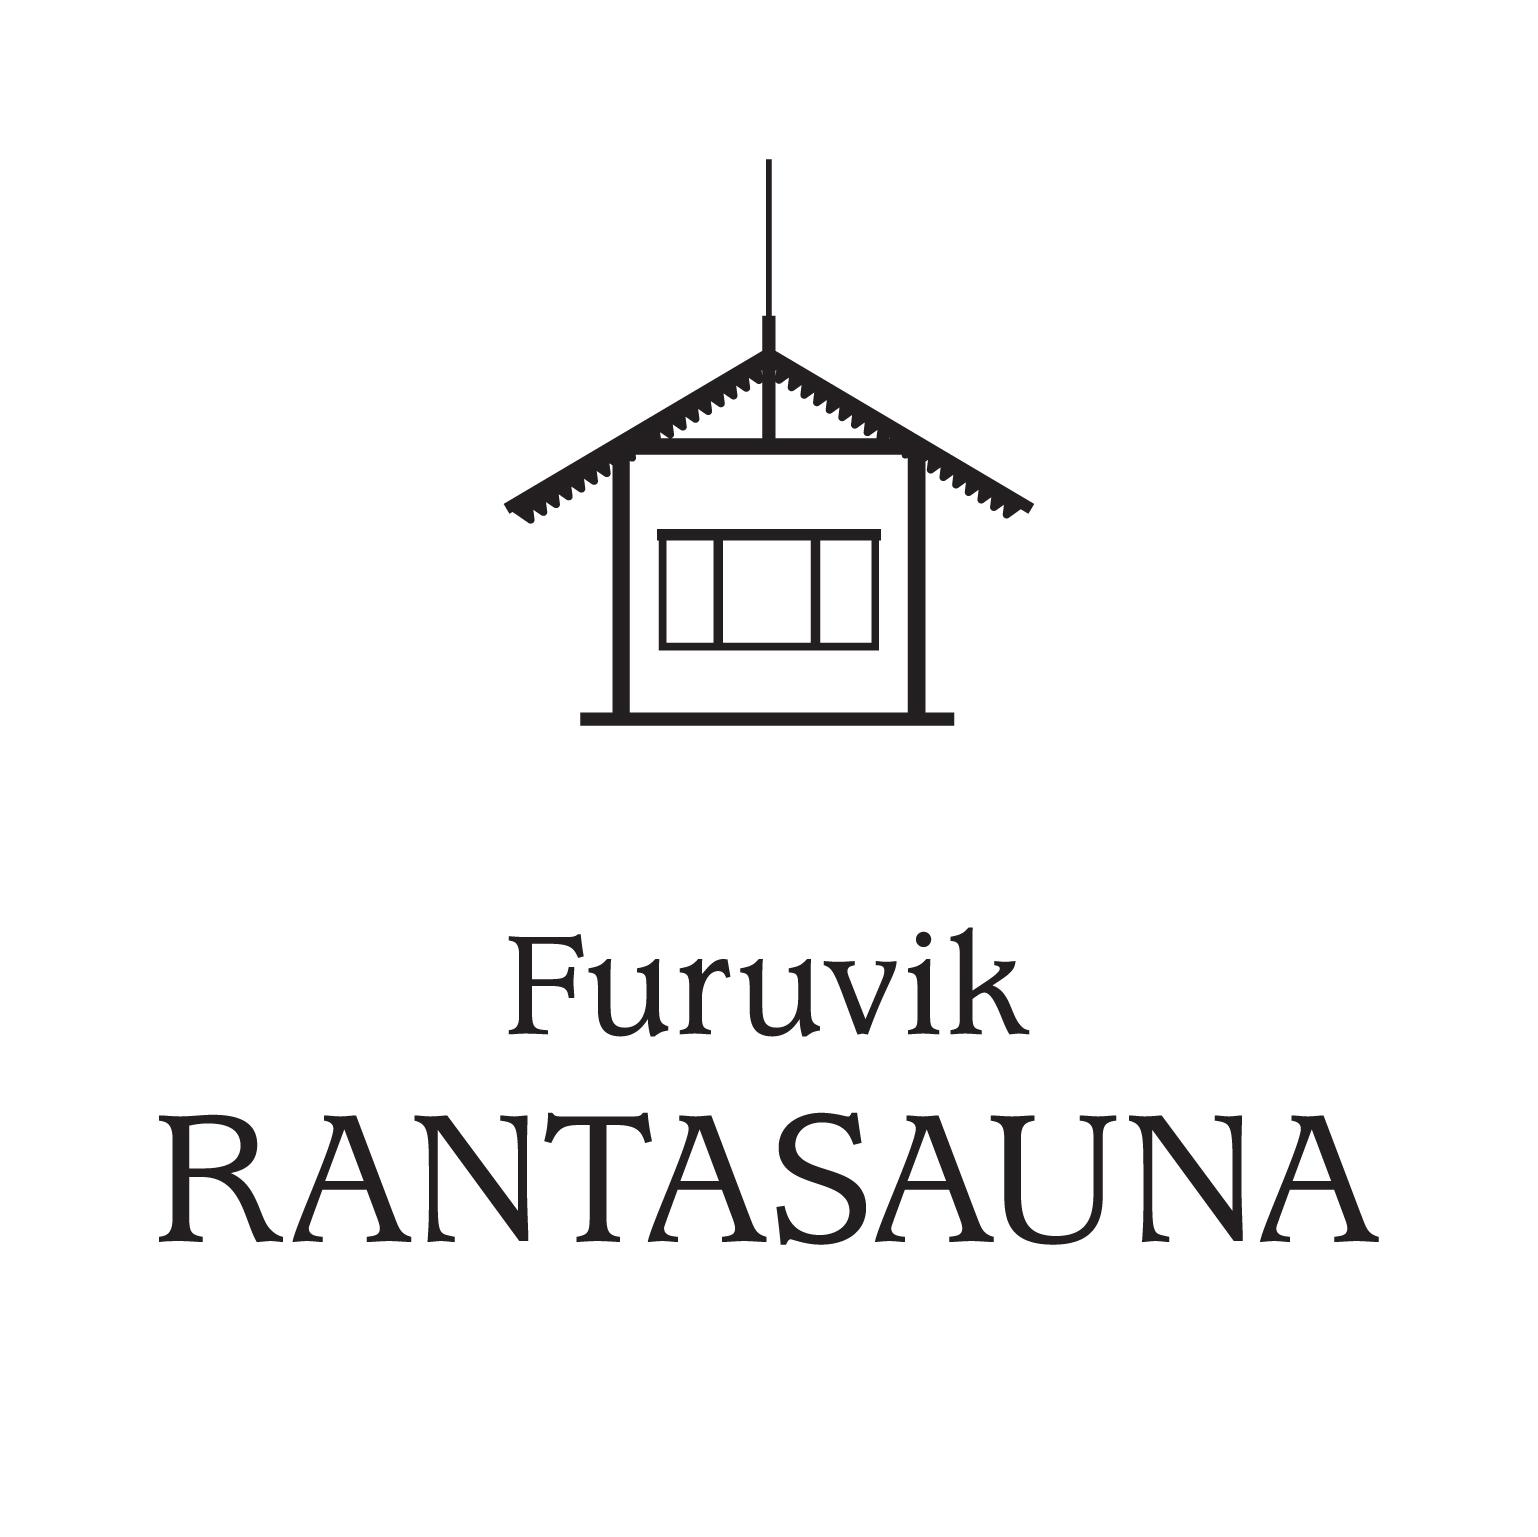 Villa Furuvik vuokratilat RANTASAUNA